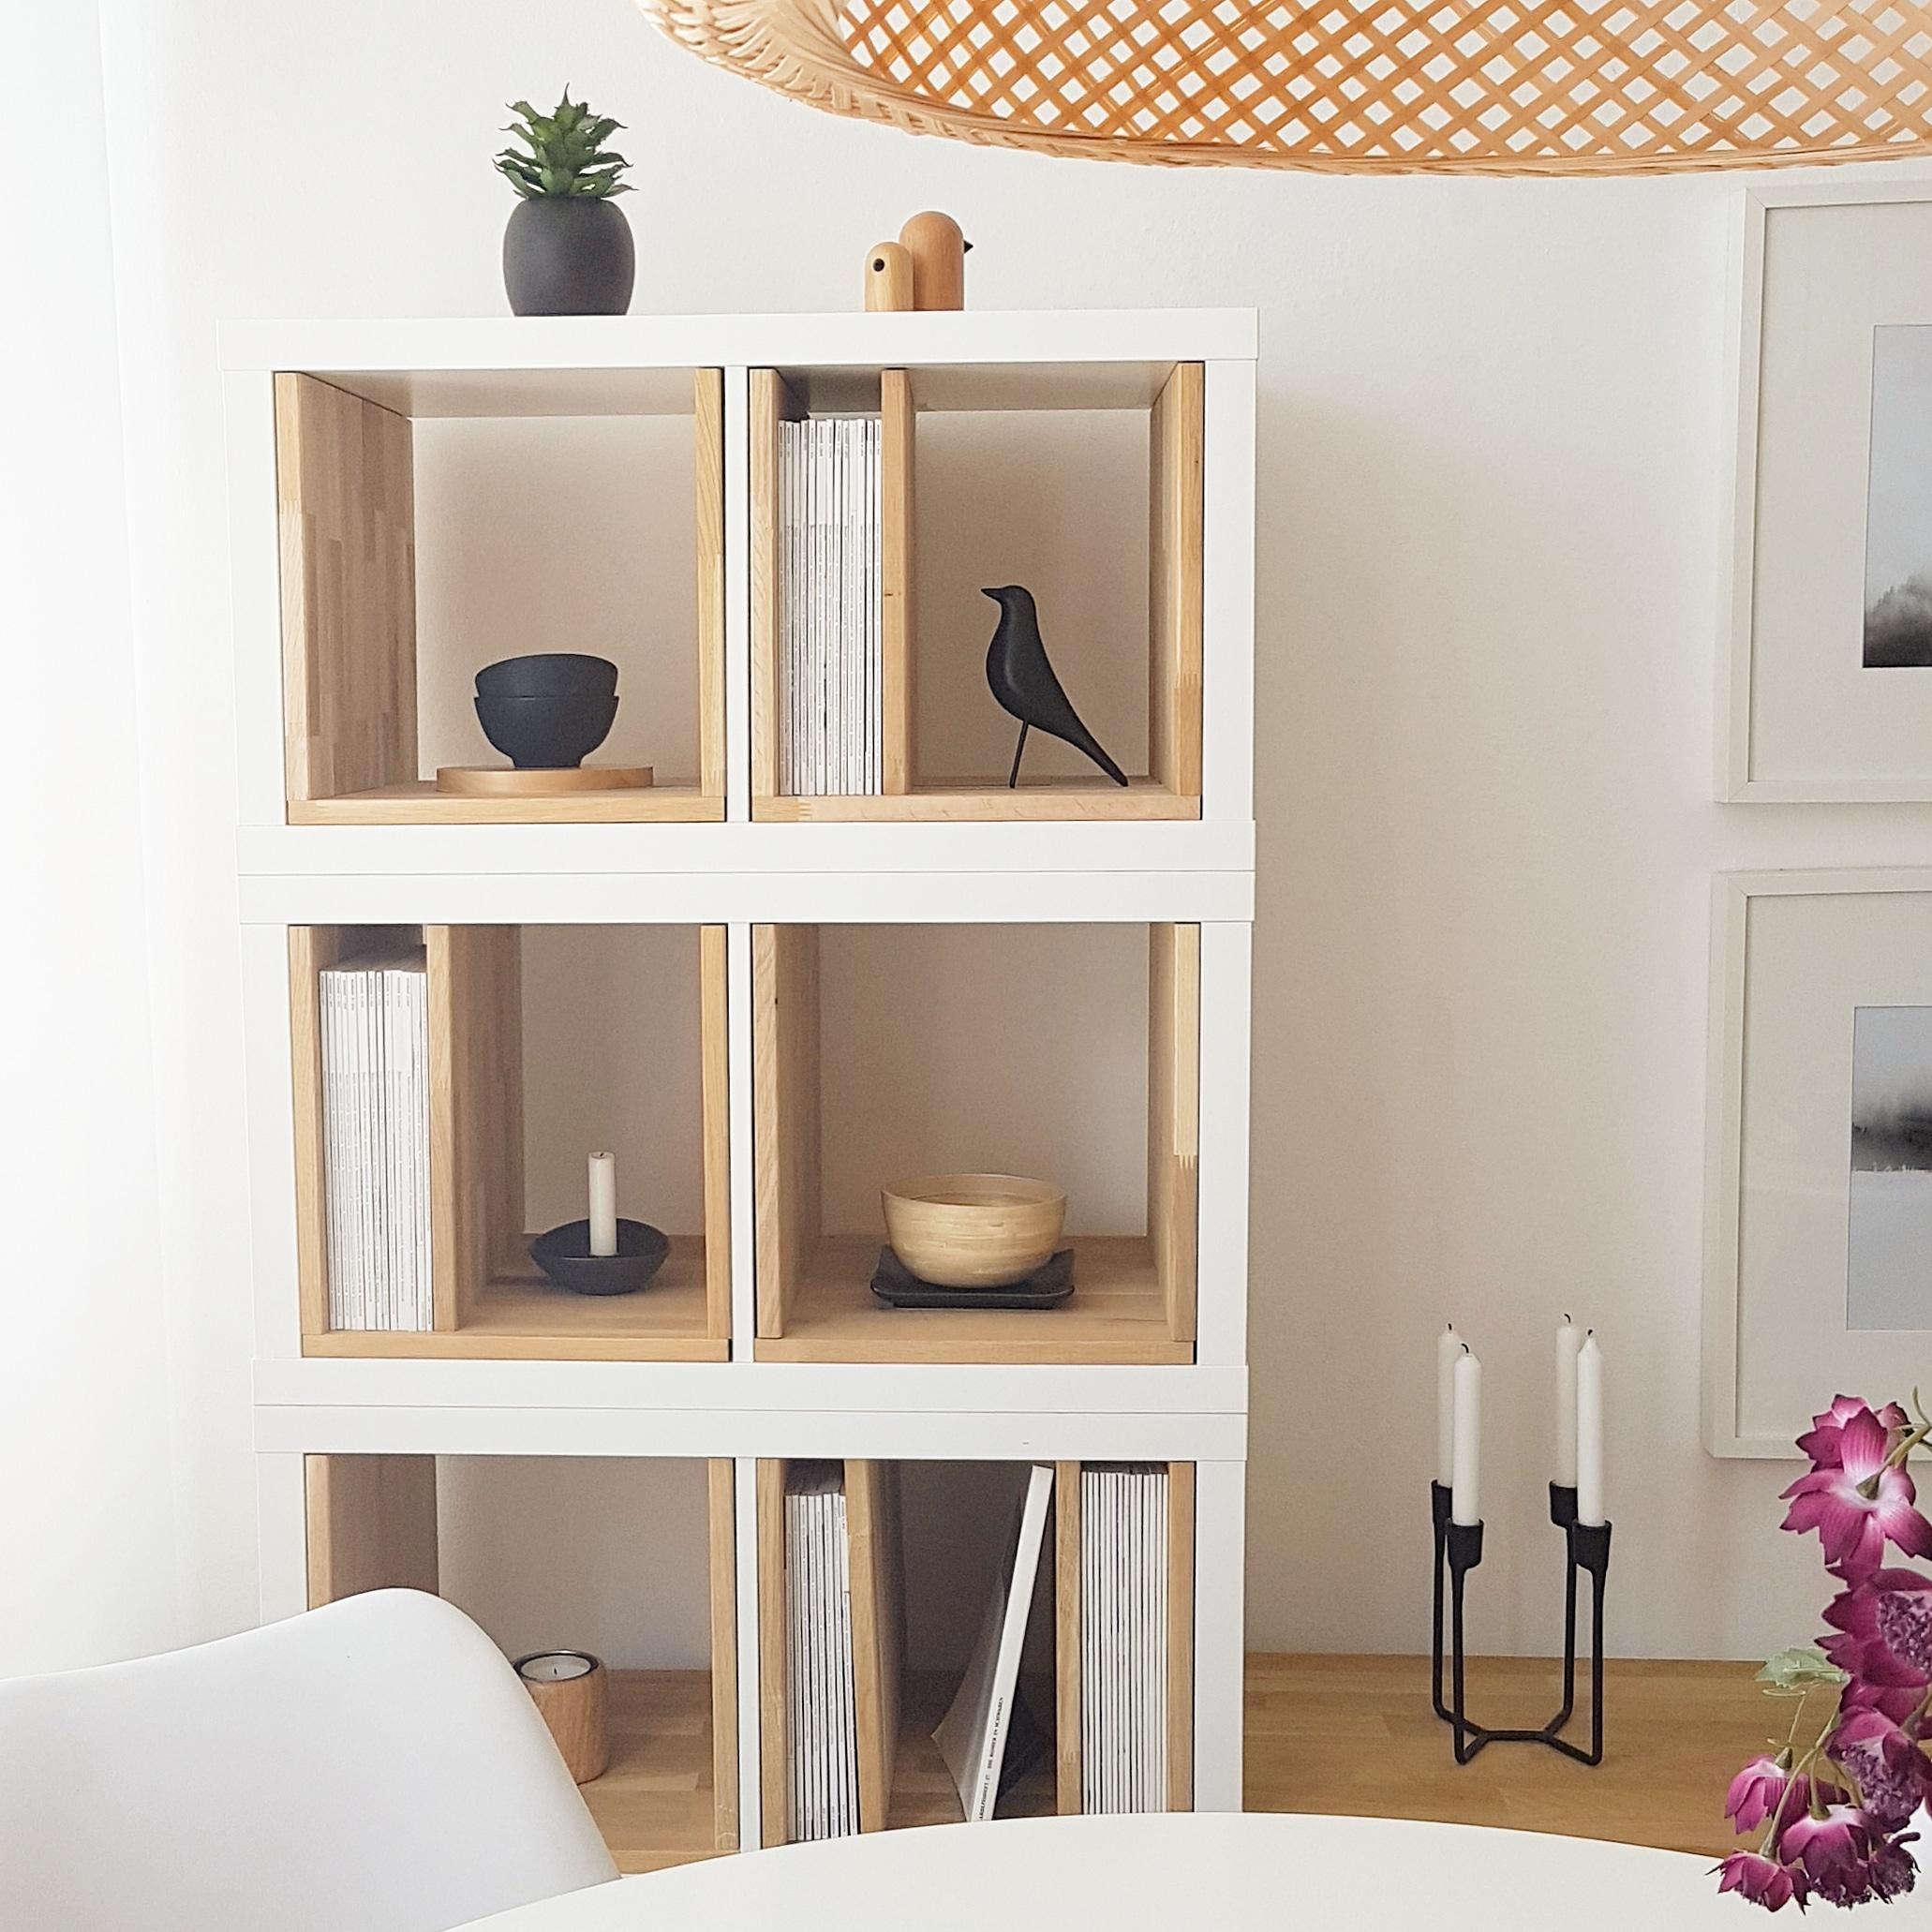 Ikeahack wohnzimmer kallax kallax elemente mit - Kallax mit schreibtisch ...